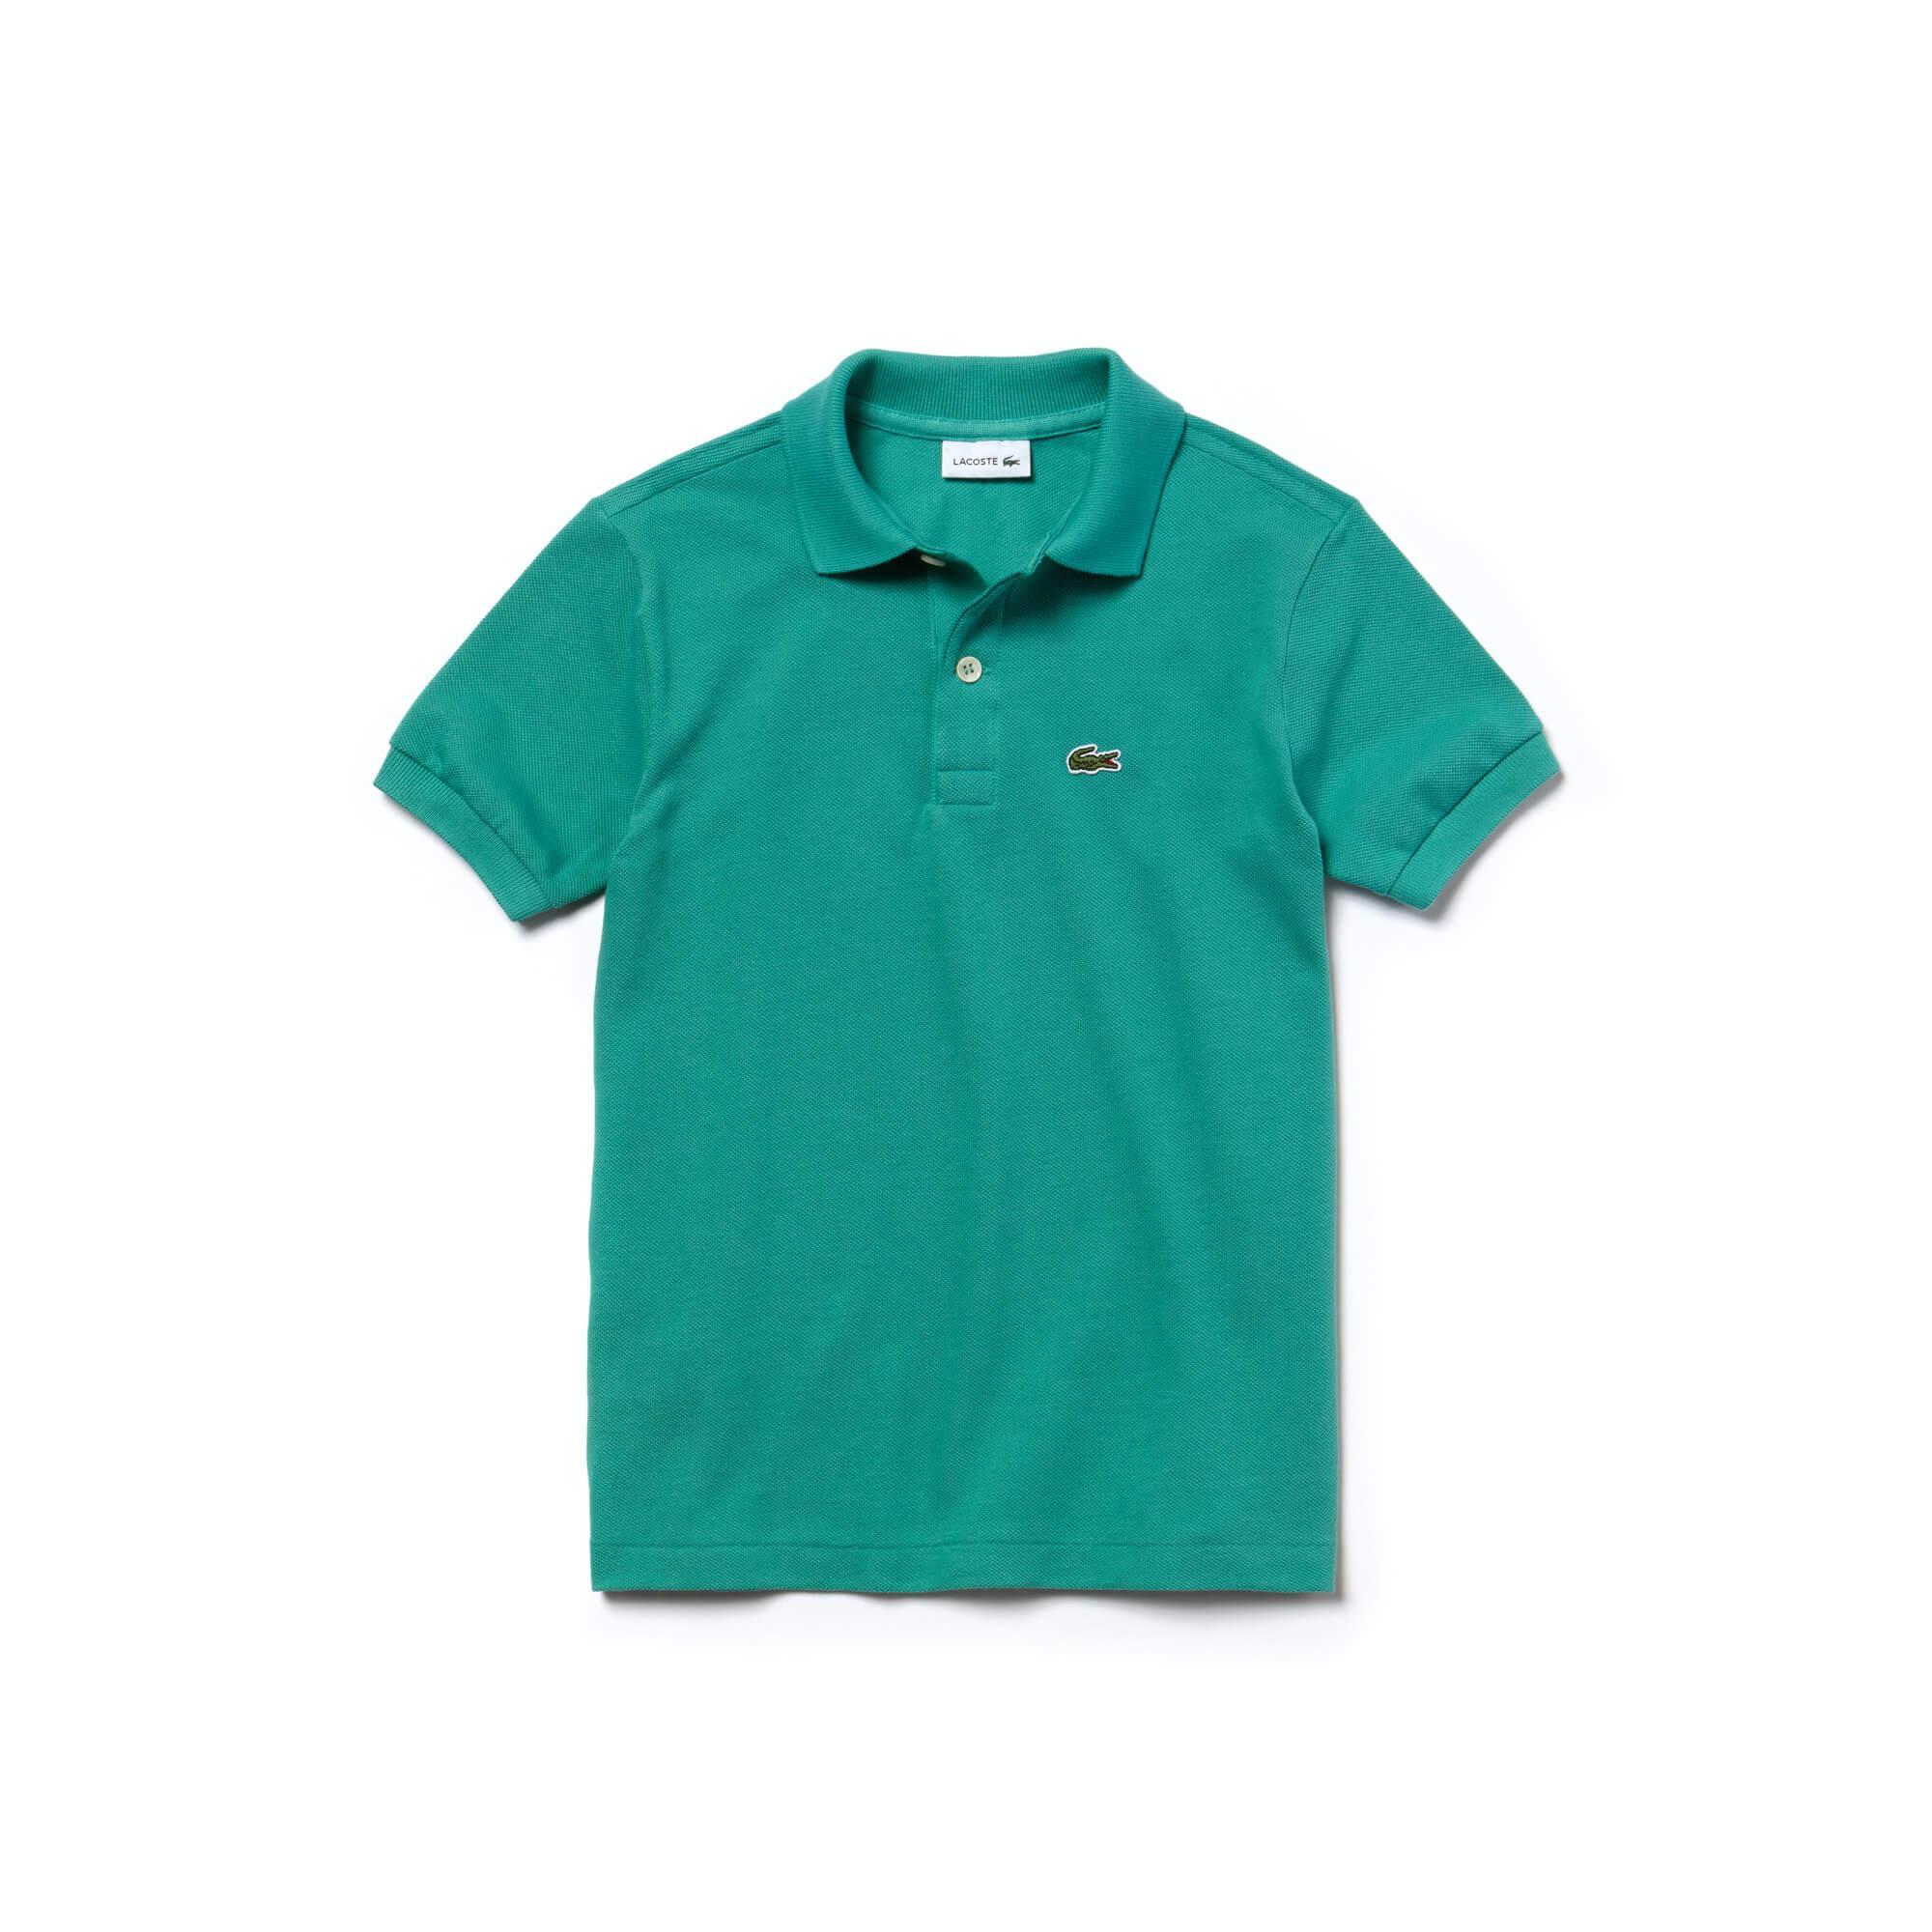 Lacoste Çocuk Yeşil Klasik Polo